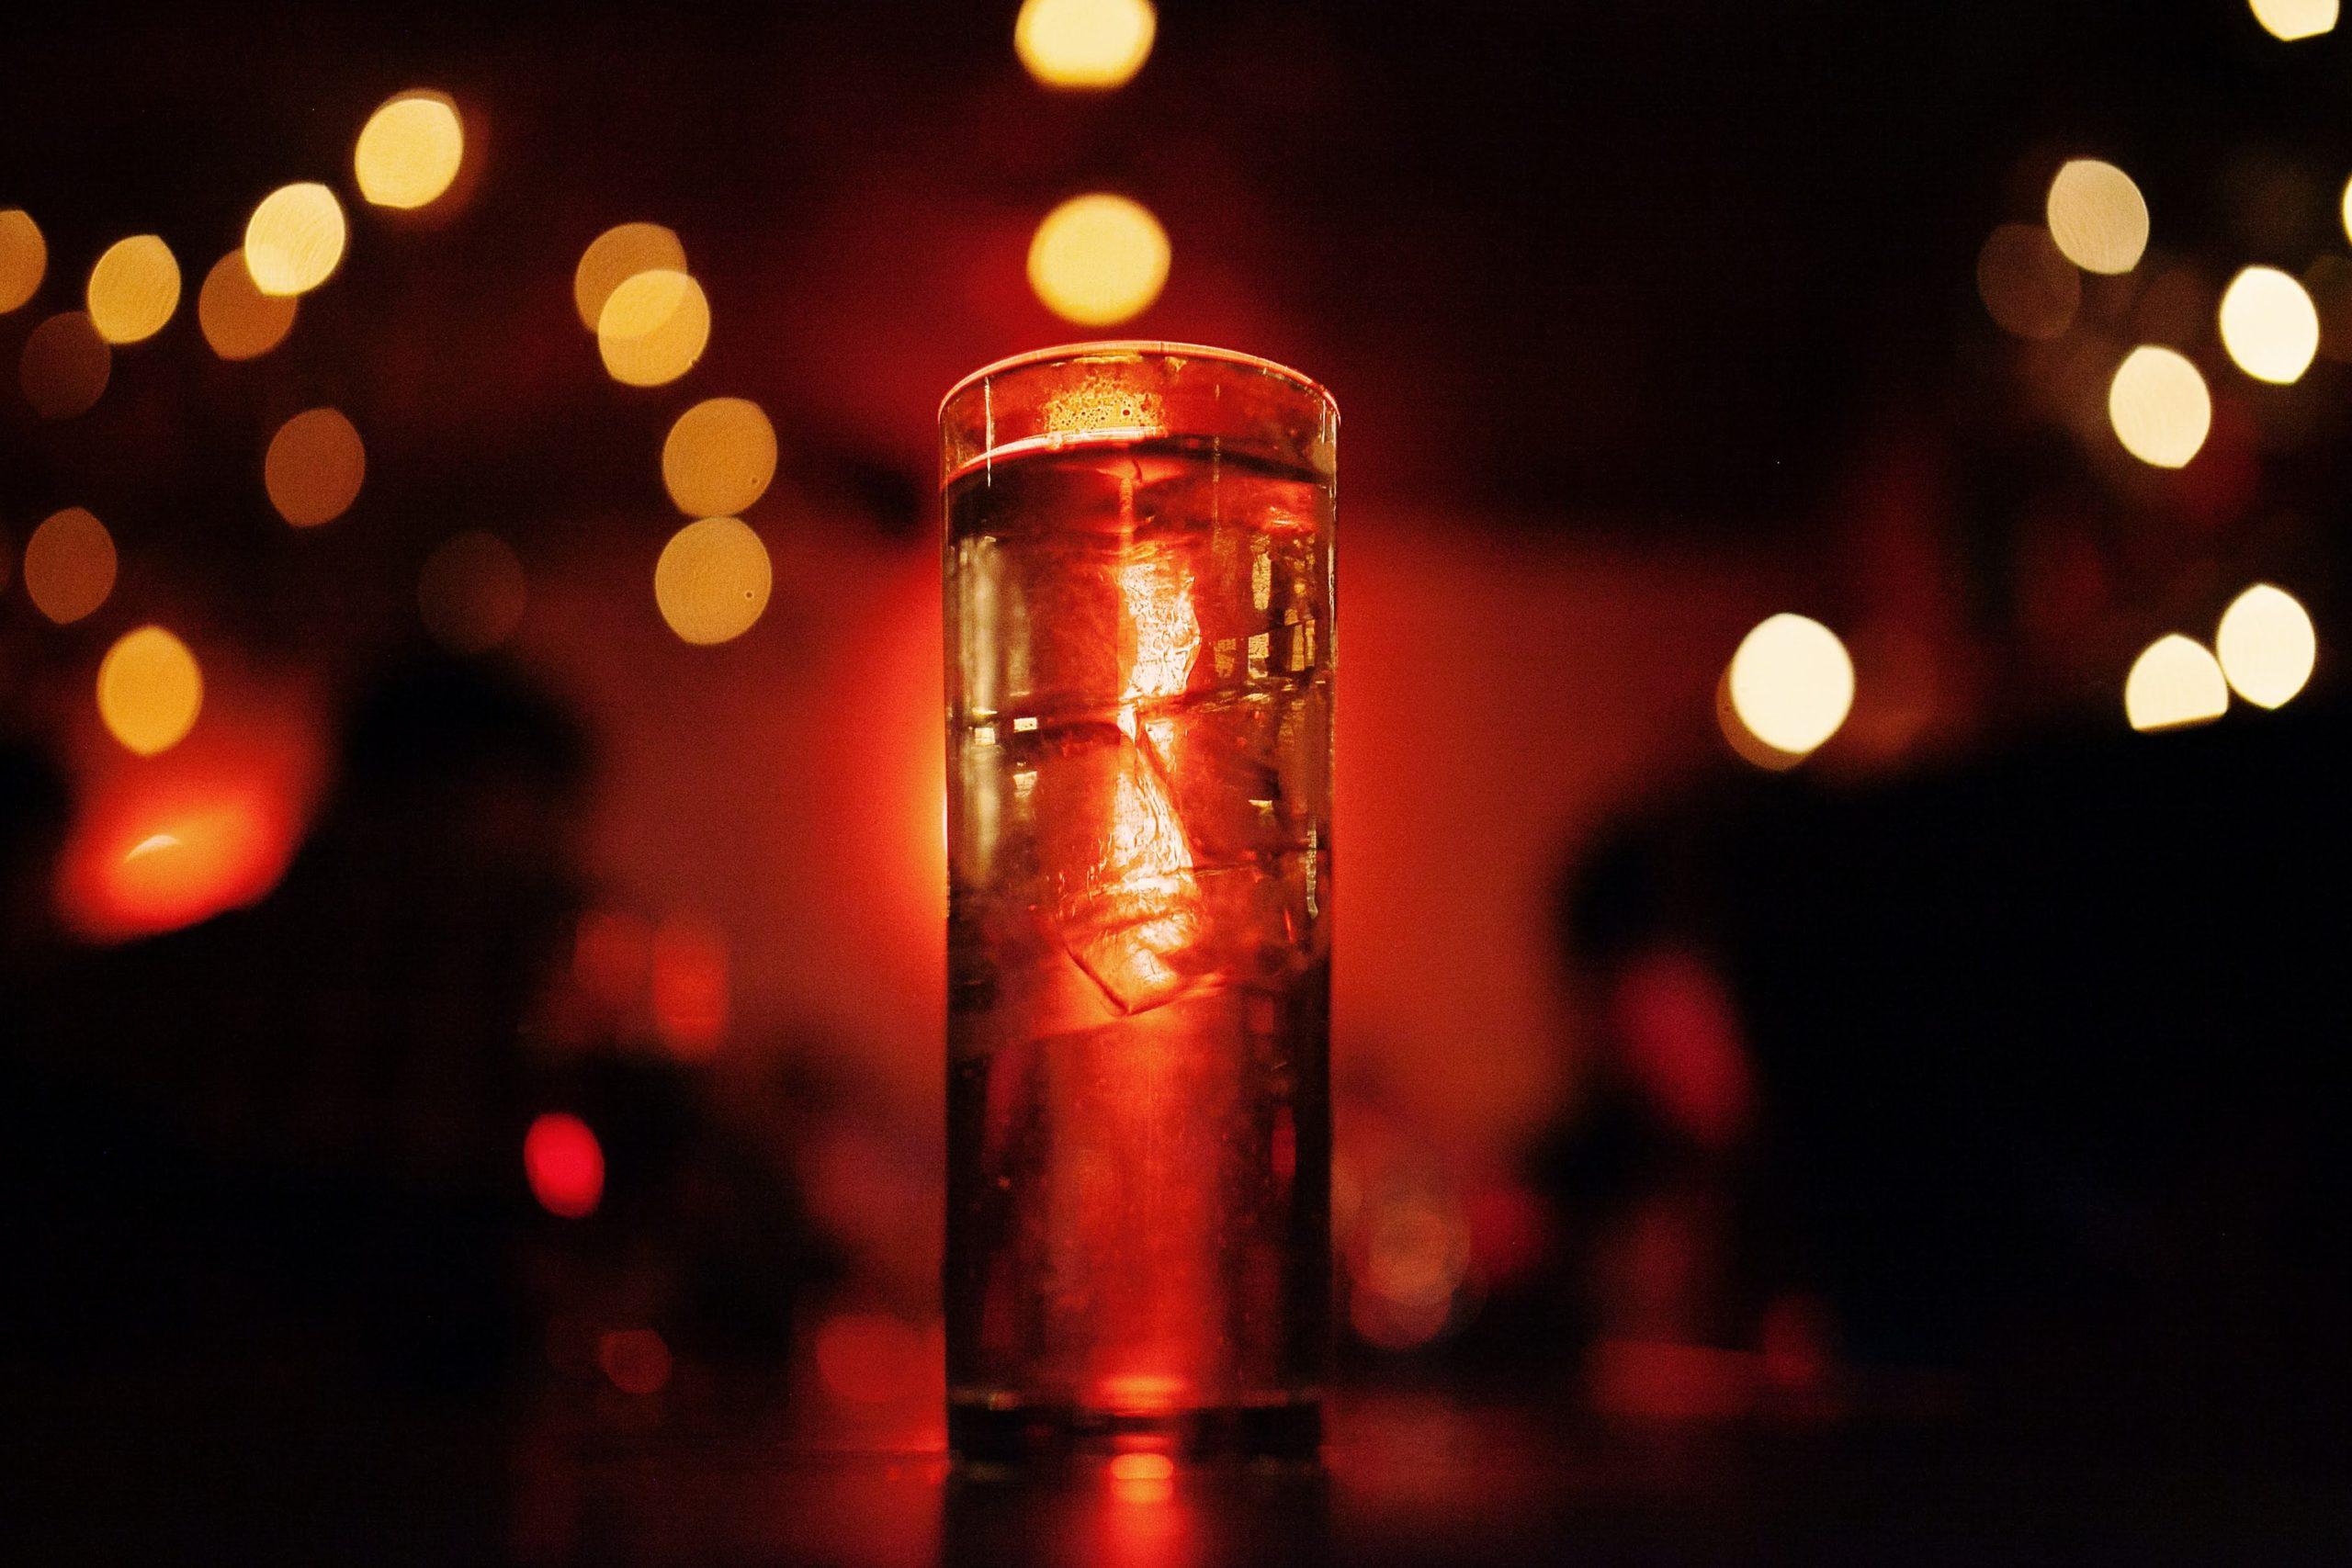 ¿Qué ocurre si el vodka se congela? ¿Cuál es el punto de congelación del alcohol?